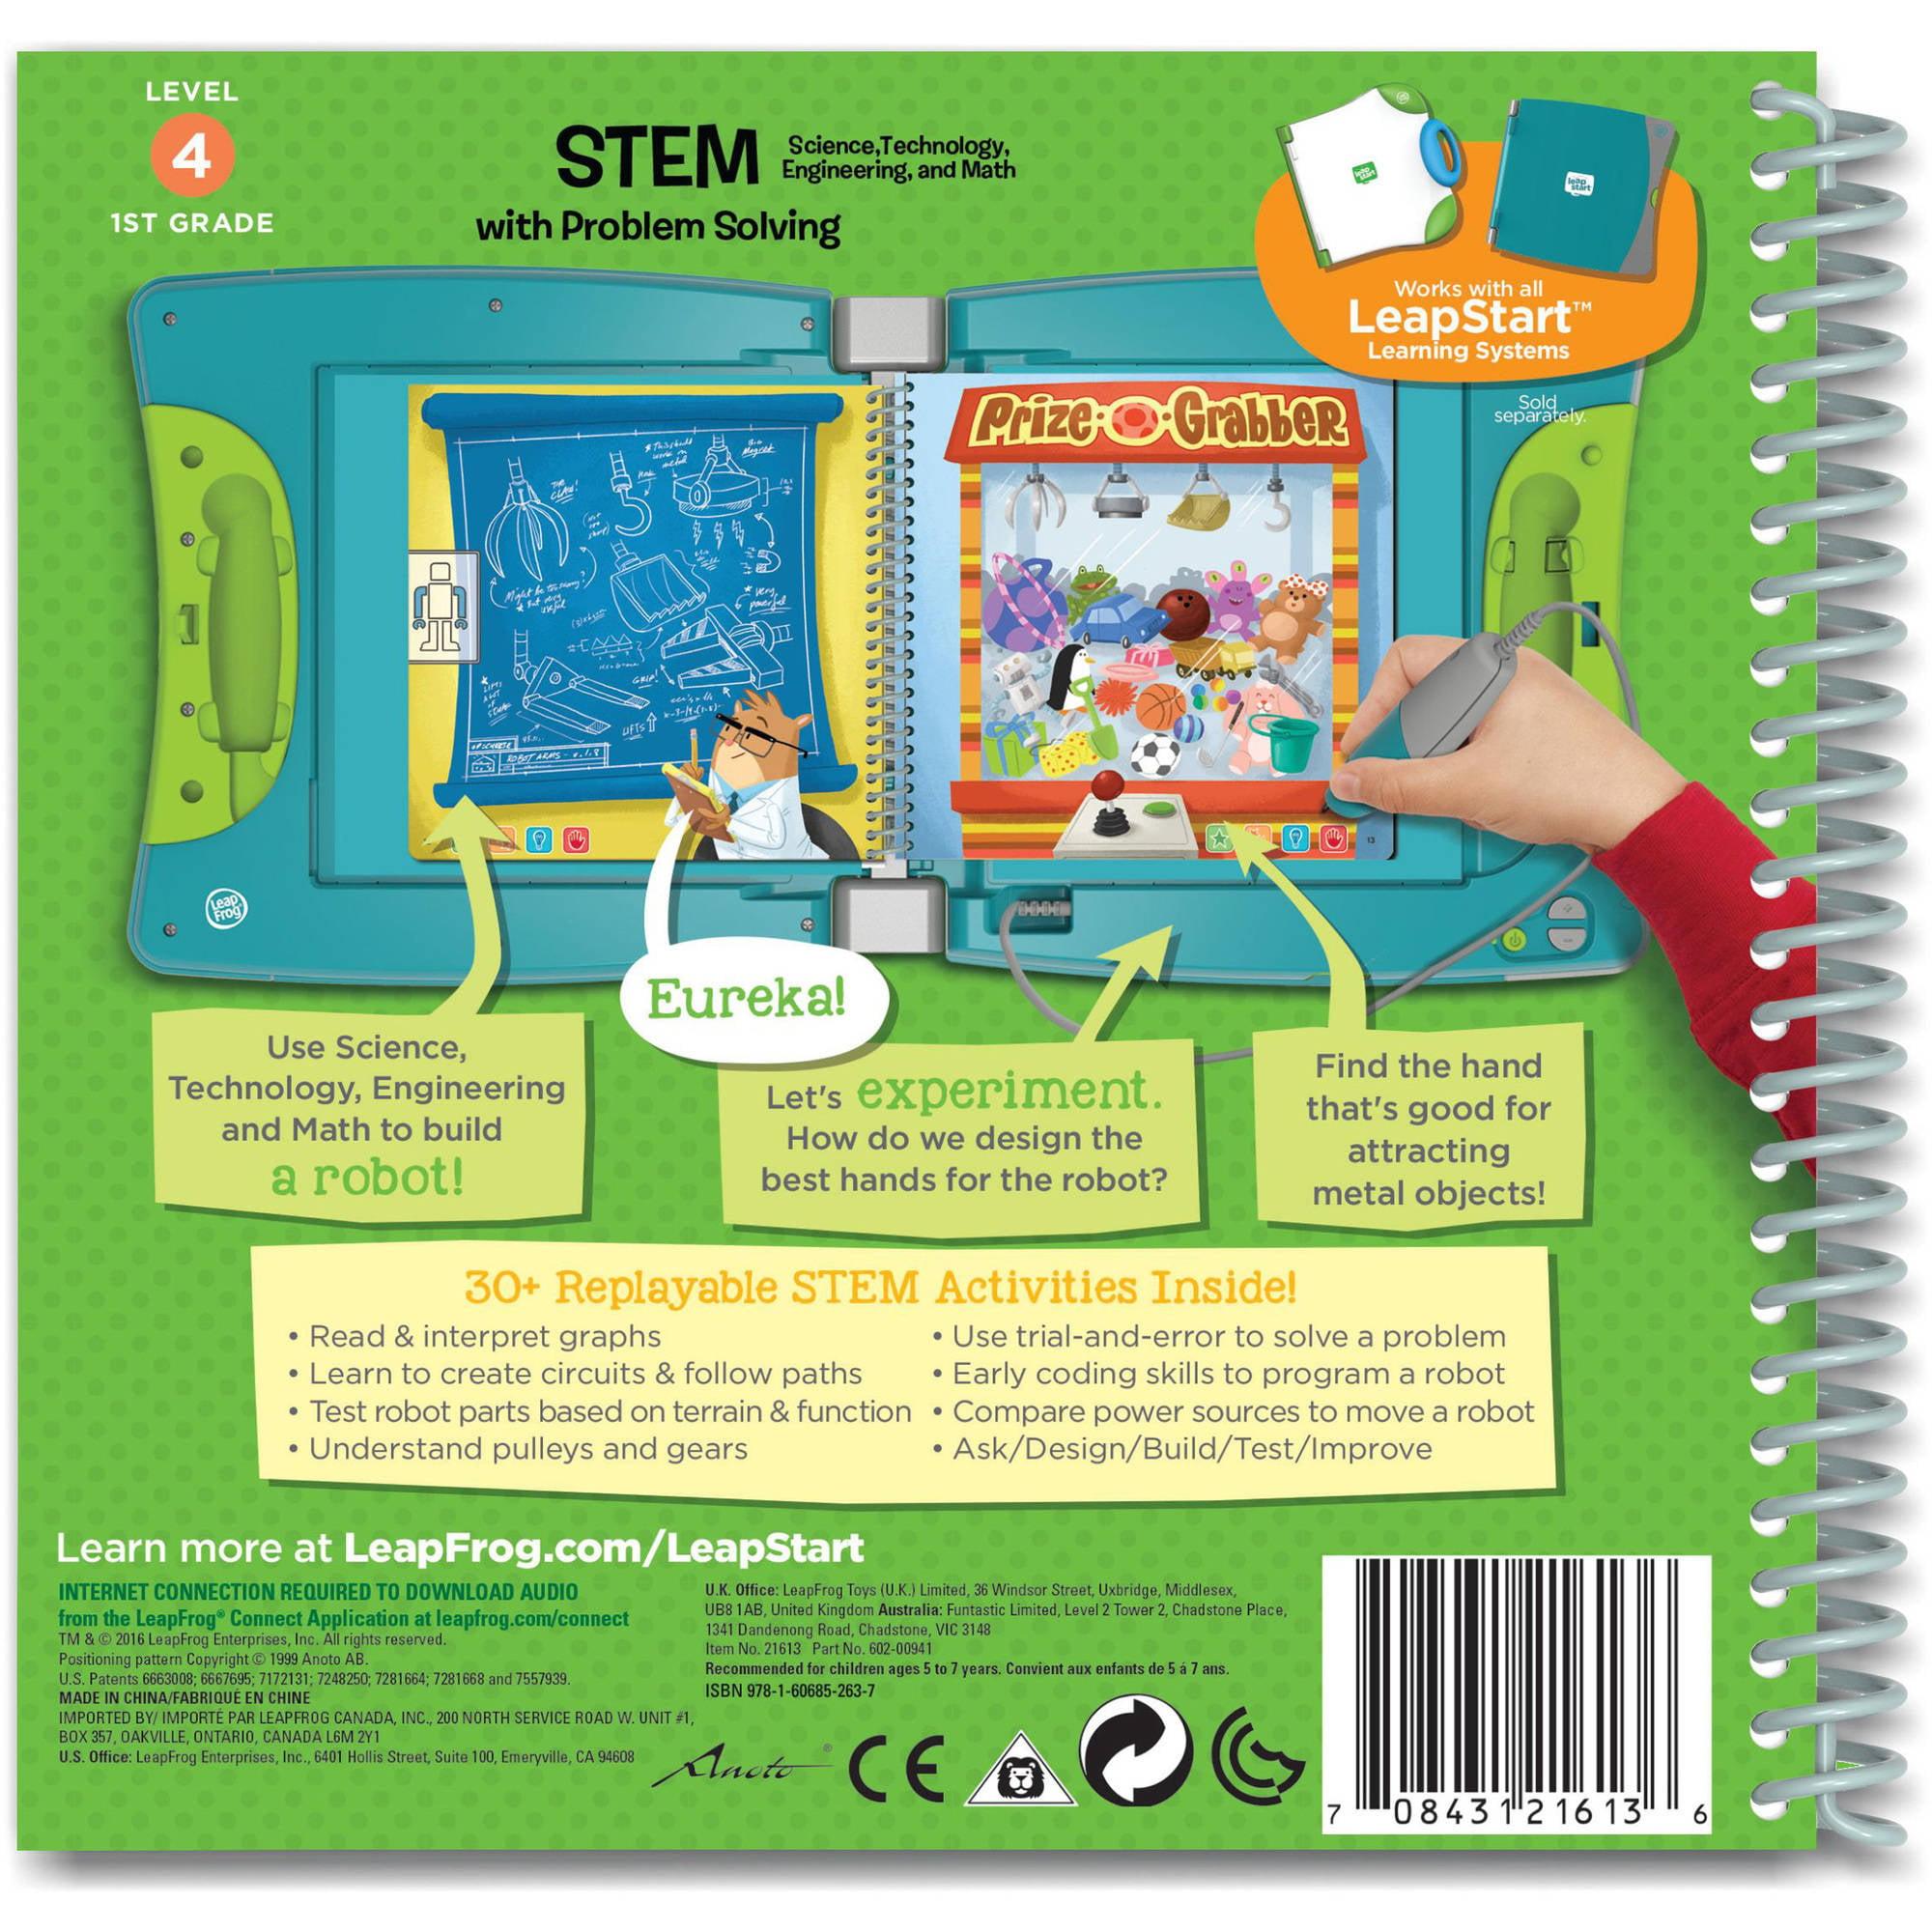 Leapfrog Leapstart 1st Grade Activity Book Stem Science